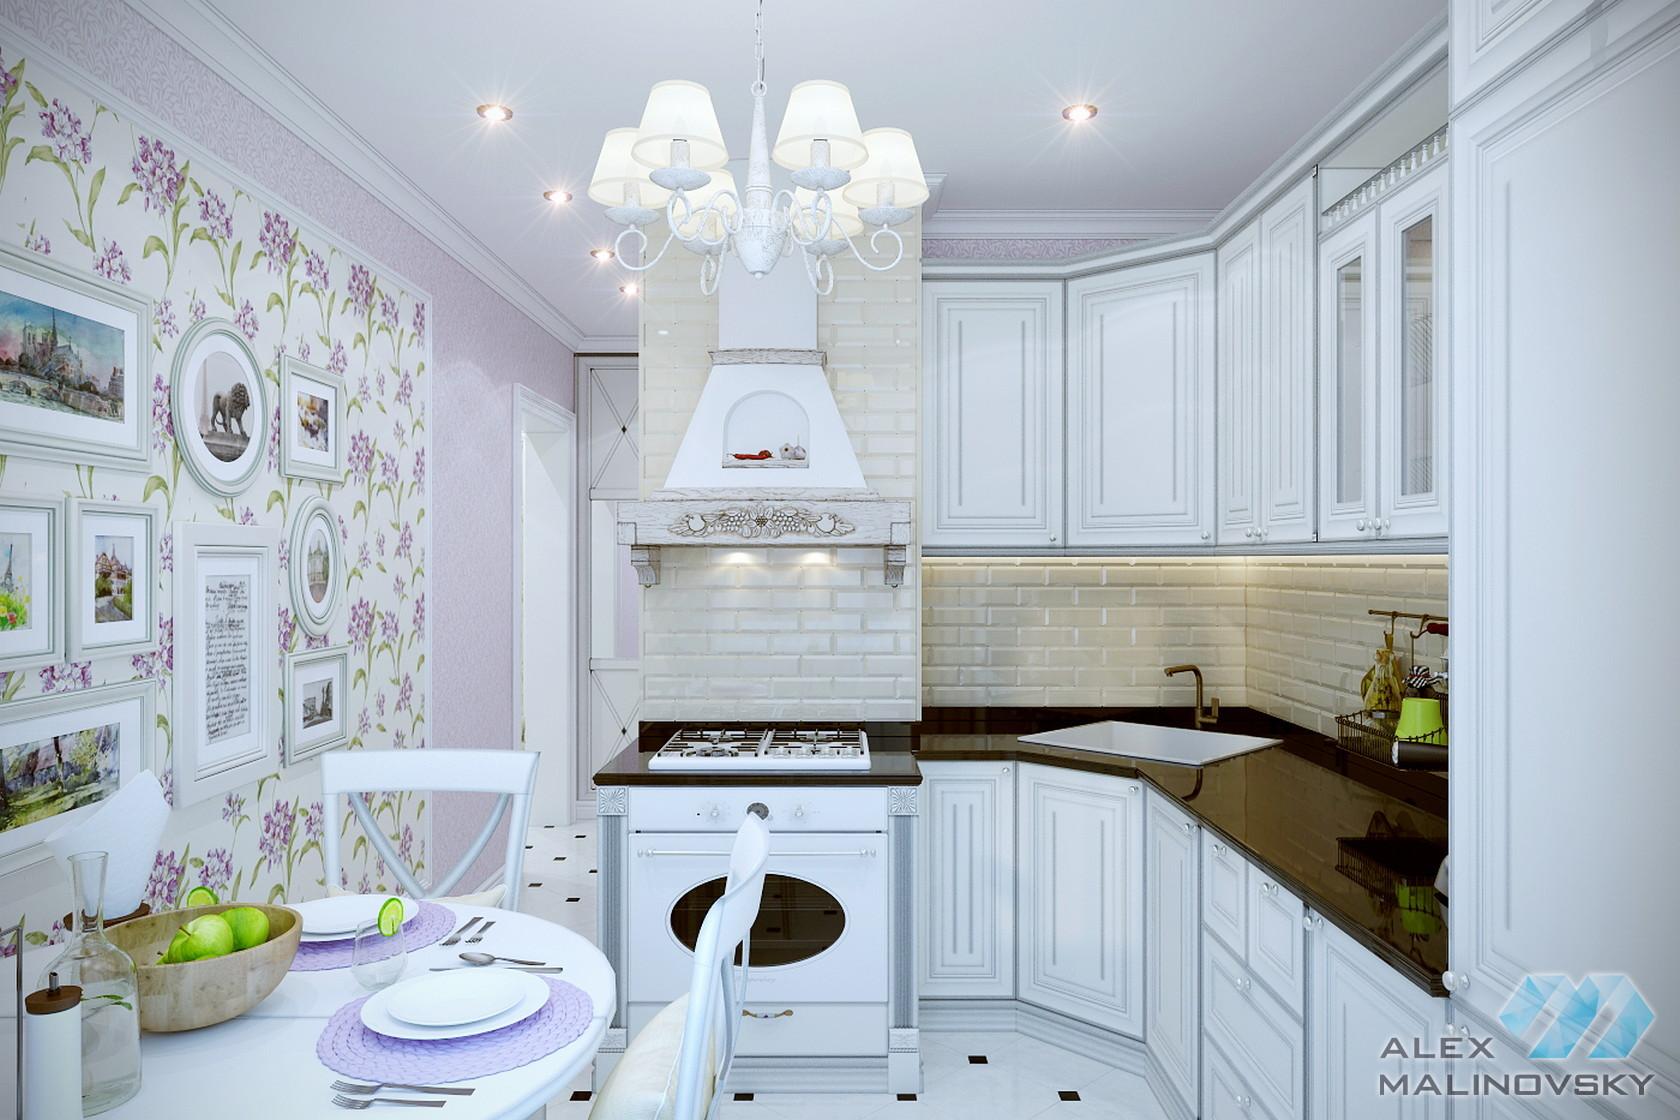 Кухня, 2х комнатная квартира, Медведково, Москва